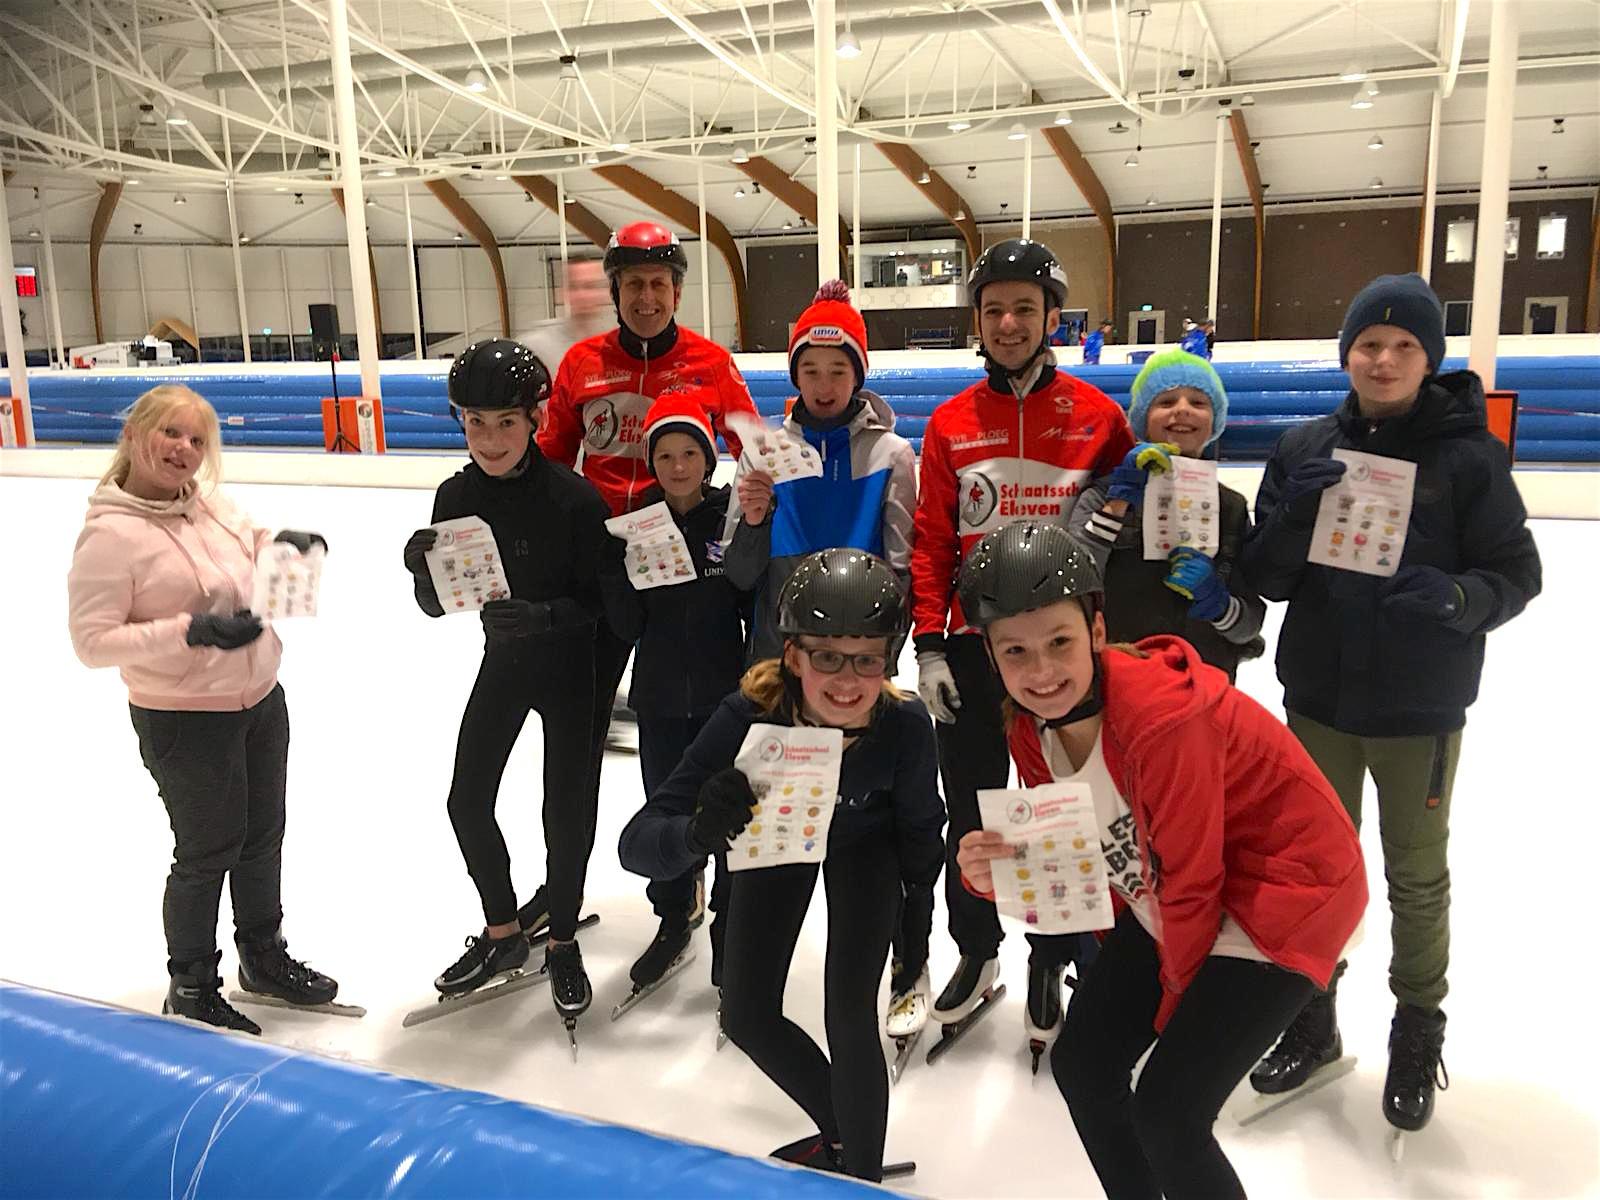 schaatsschool-friesland-schaatslessen-schaatstrainingen-leeuwarden